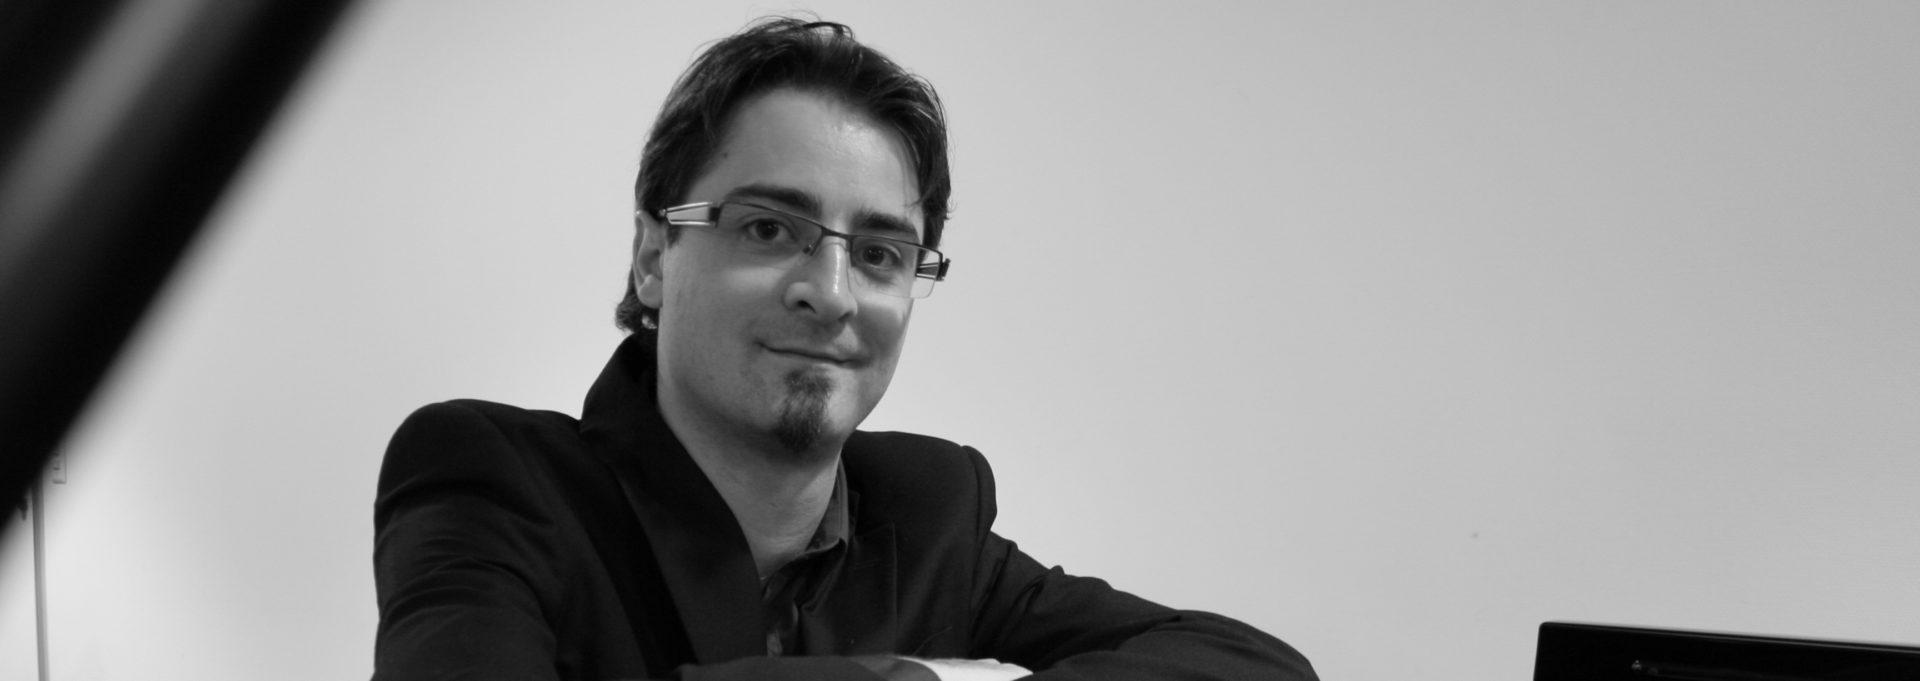 Raphael Sudan